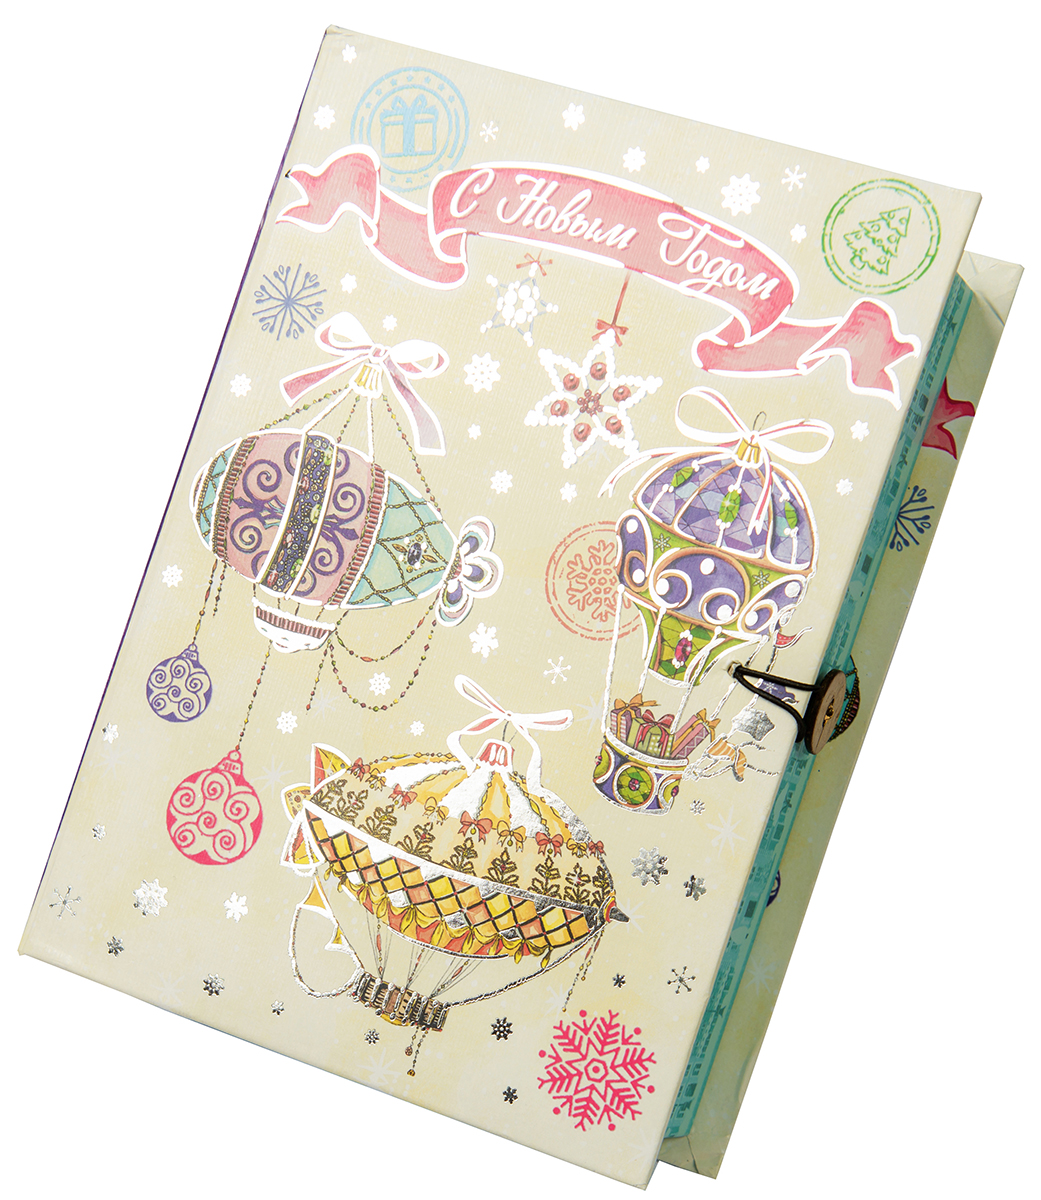 Коробка подарочная Magic Time Новогодние воздушные шары, размер S. 7502675026Подарочная коробка Новогодние воздушные шары-S из мелованного, ламинированного, негофрированного картона плотностью 1100 г, м2, с полноцветным декоративным рисунком на внутренней и наружной части, 18x12x5, артикул 75026